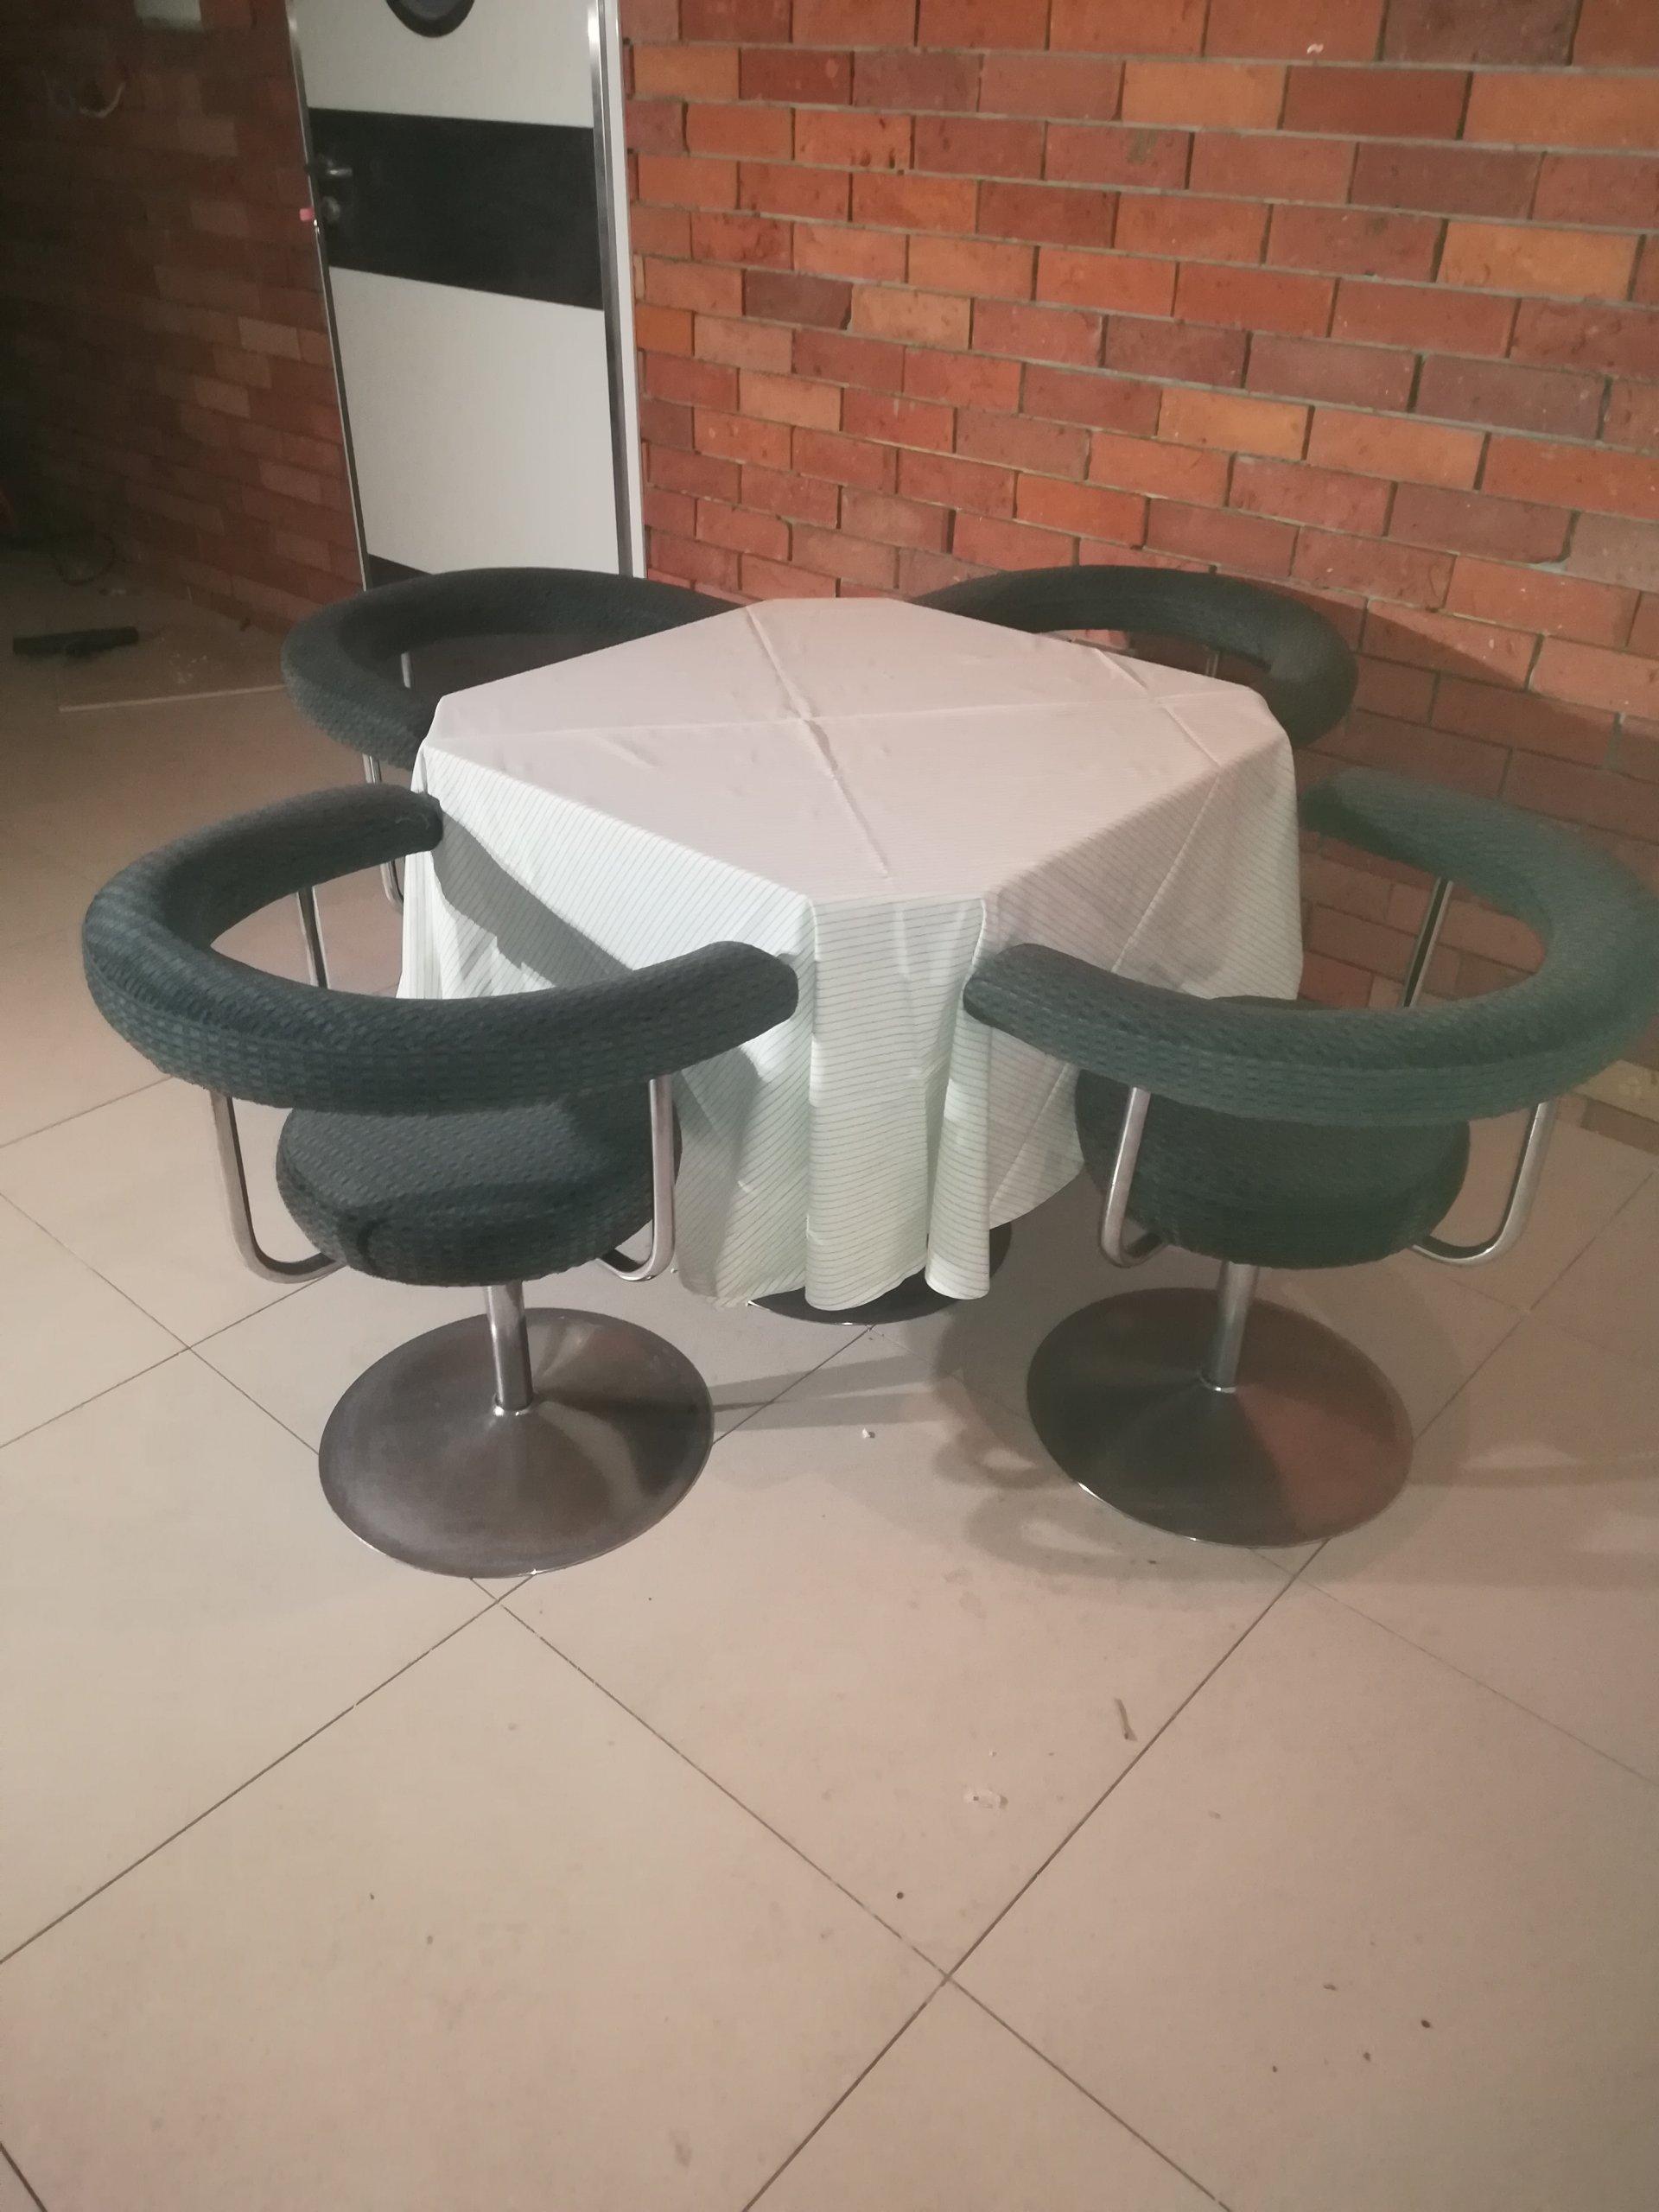 Krzesła Stoliki Restauracji Kawiarni Okazja 7190025281